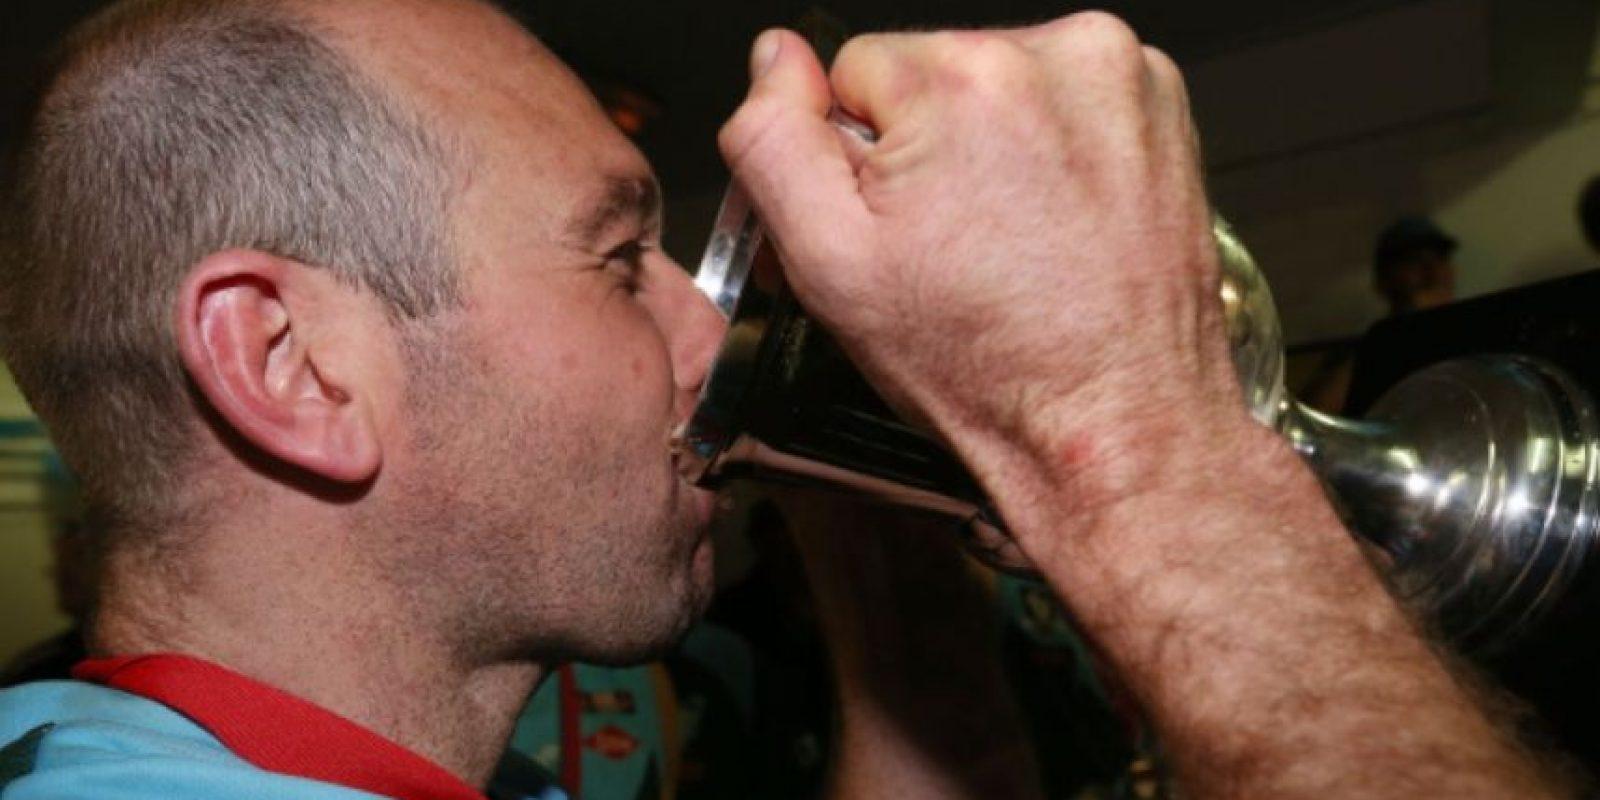 Se considera consumo de riesgo de alcohol a consumir más de 14 bebidas por semana, en el caso de las mujeres, y más de 21 para los hombres. Foto:Getty Images